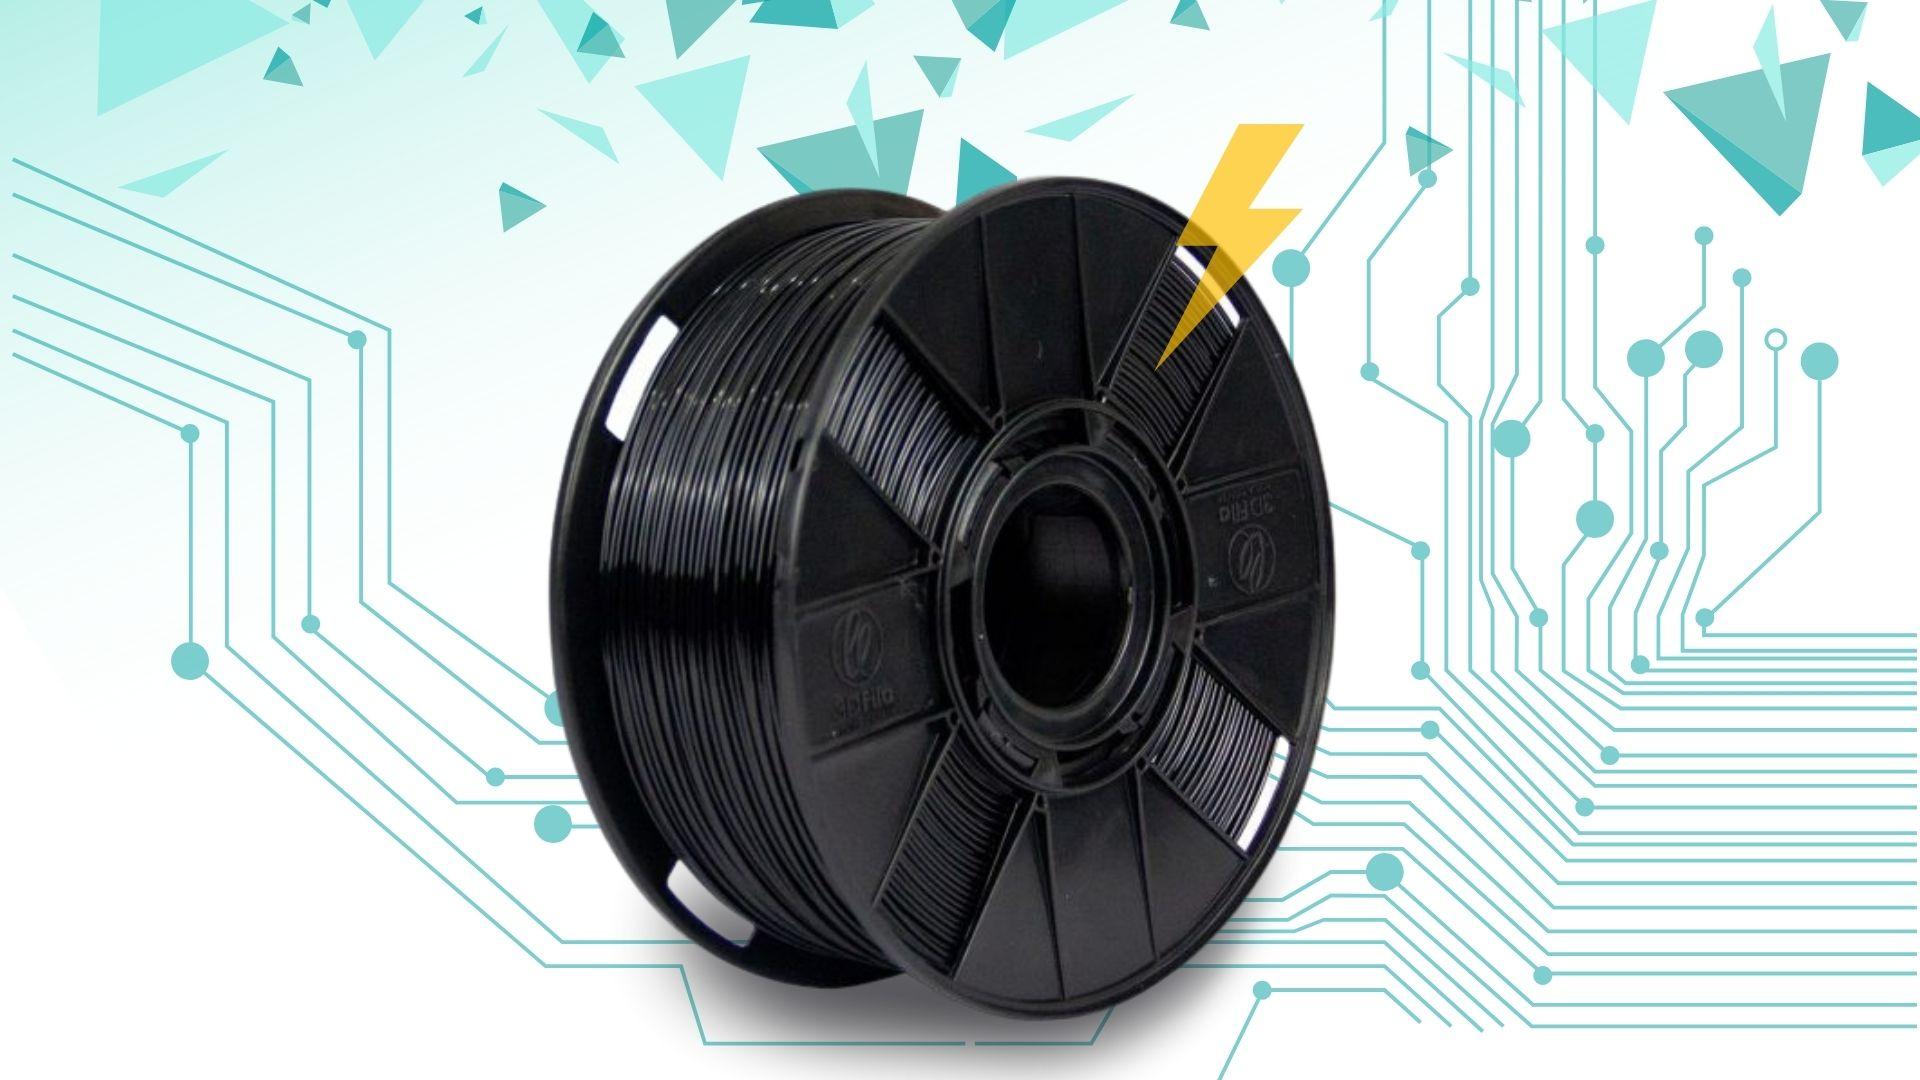 Foto de capa referente ao filamento Condutivo